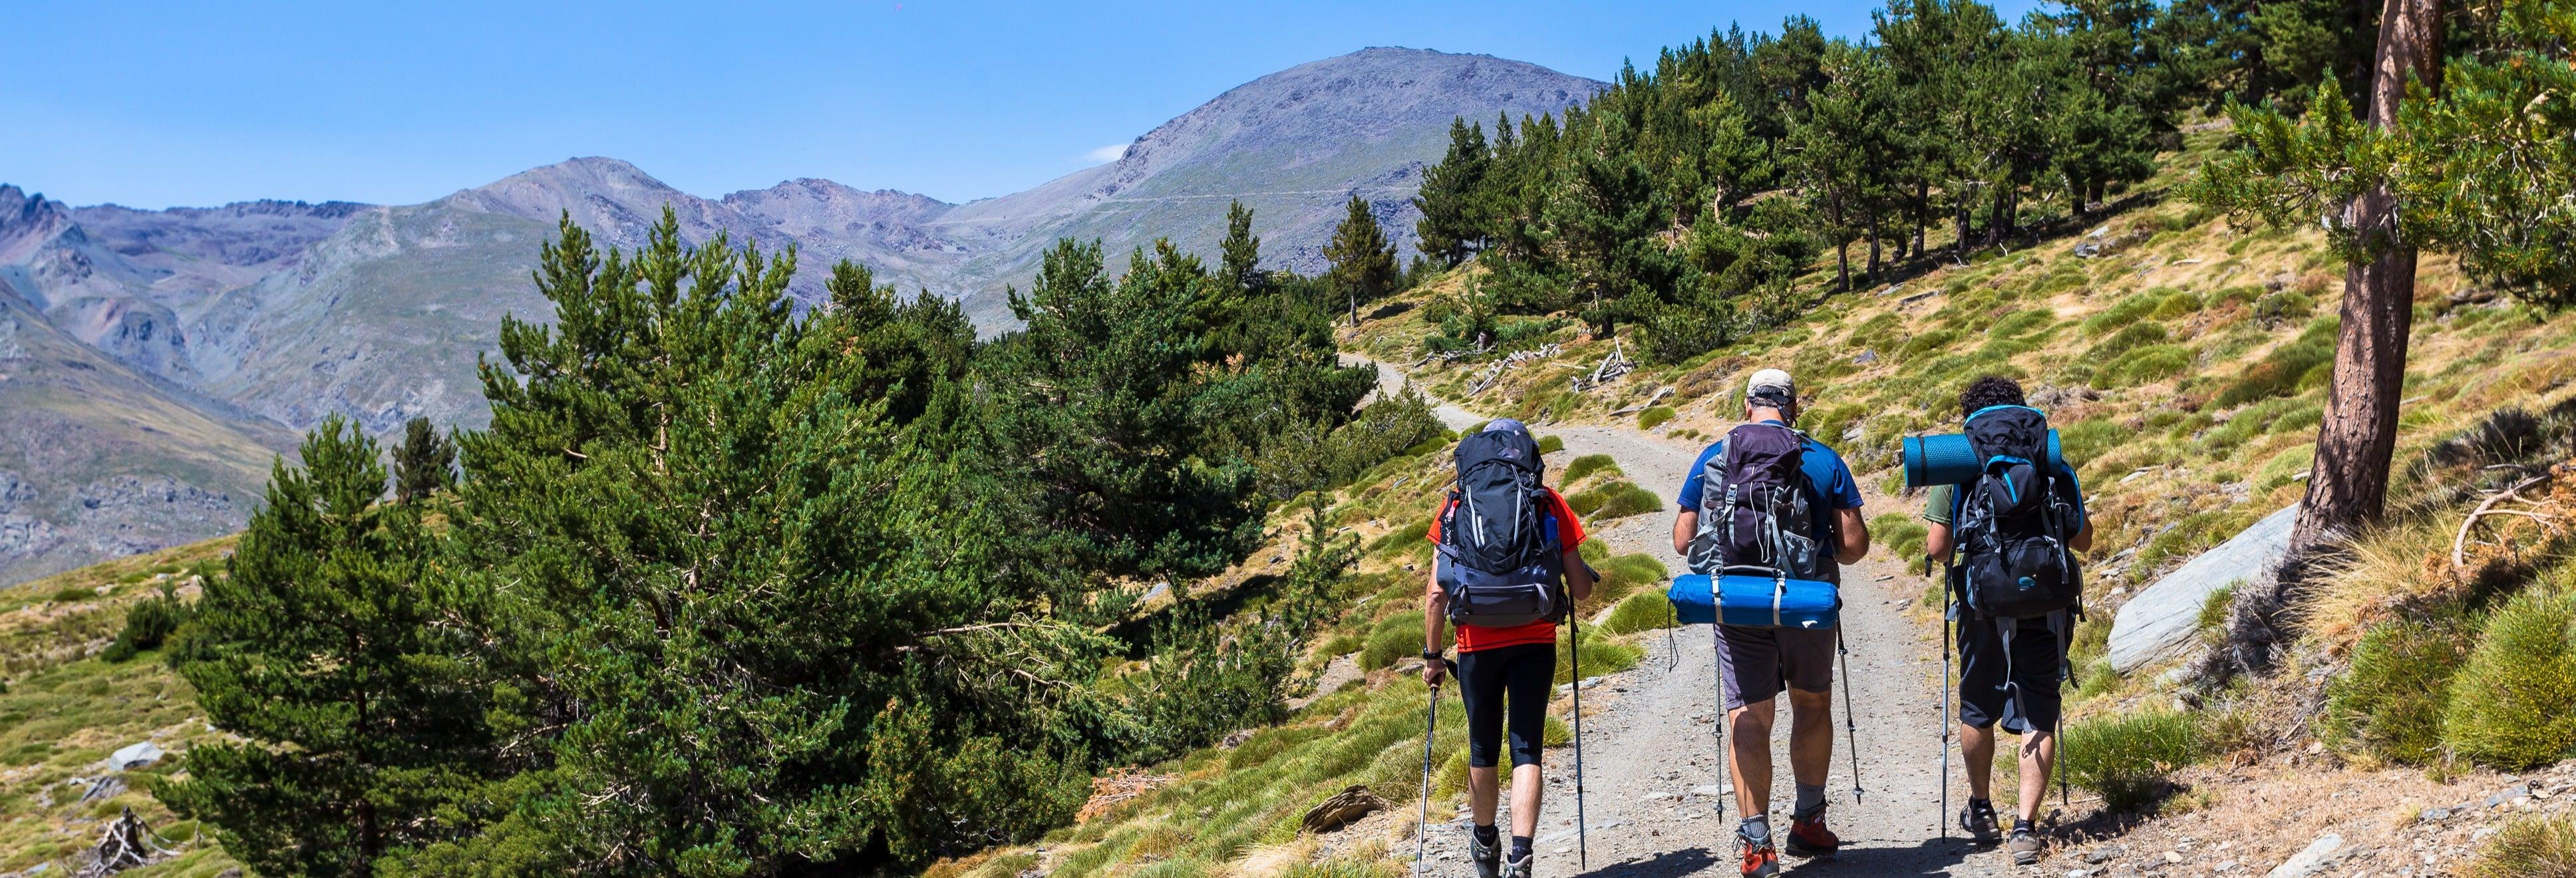 Trilha pelo Parque Nacional de Sierra Nevada